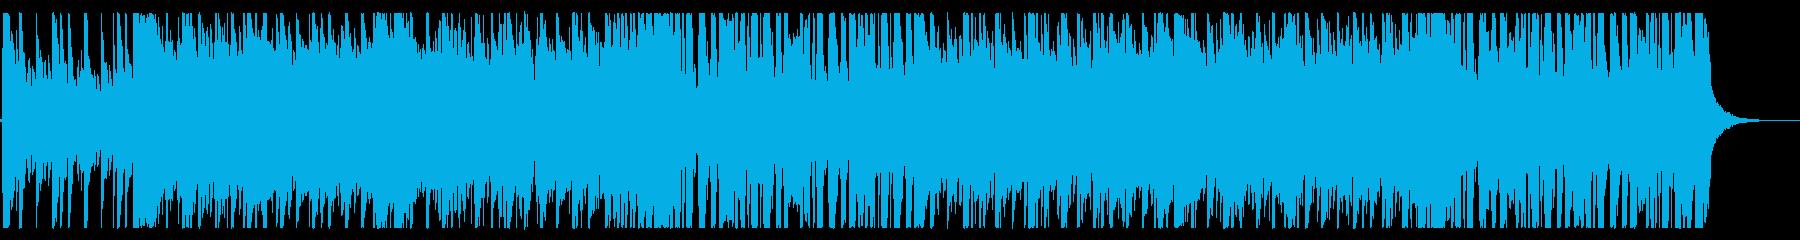 ロックギターリフ、オープニングのイメージの再生済みの波形